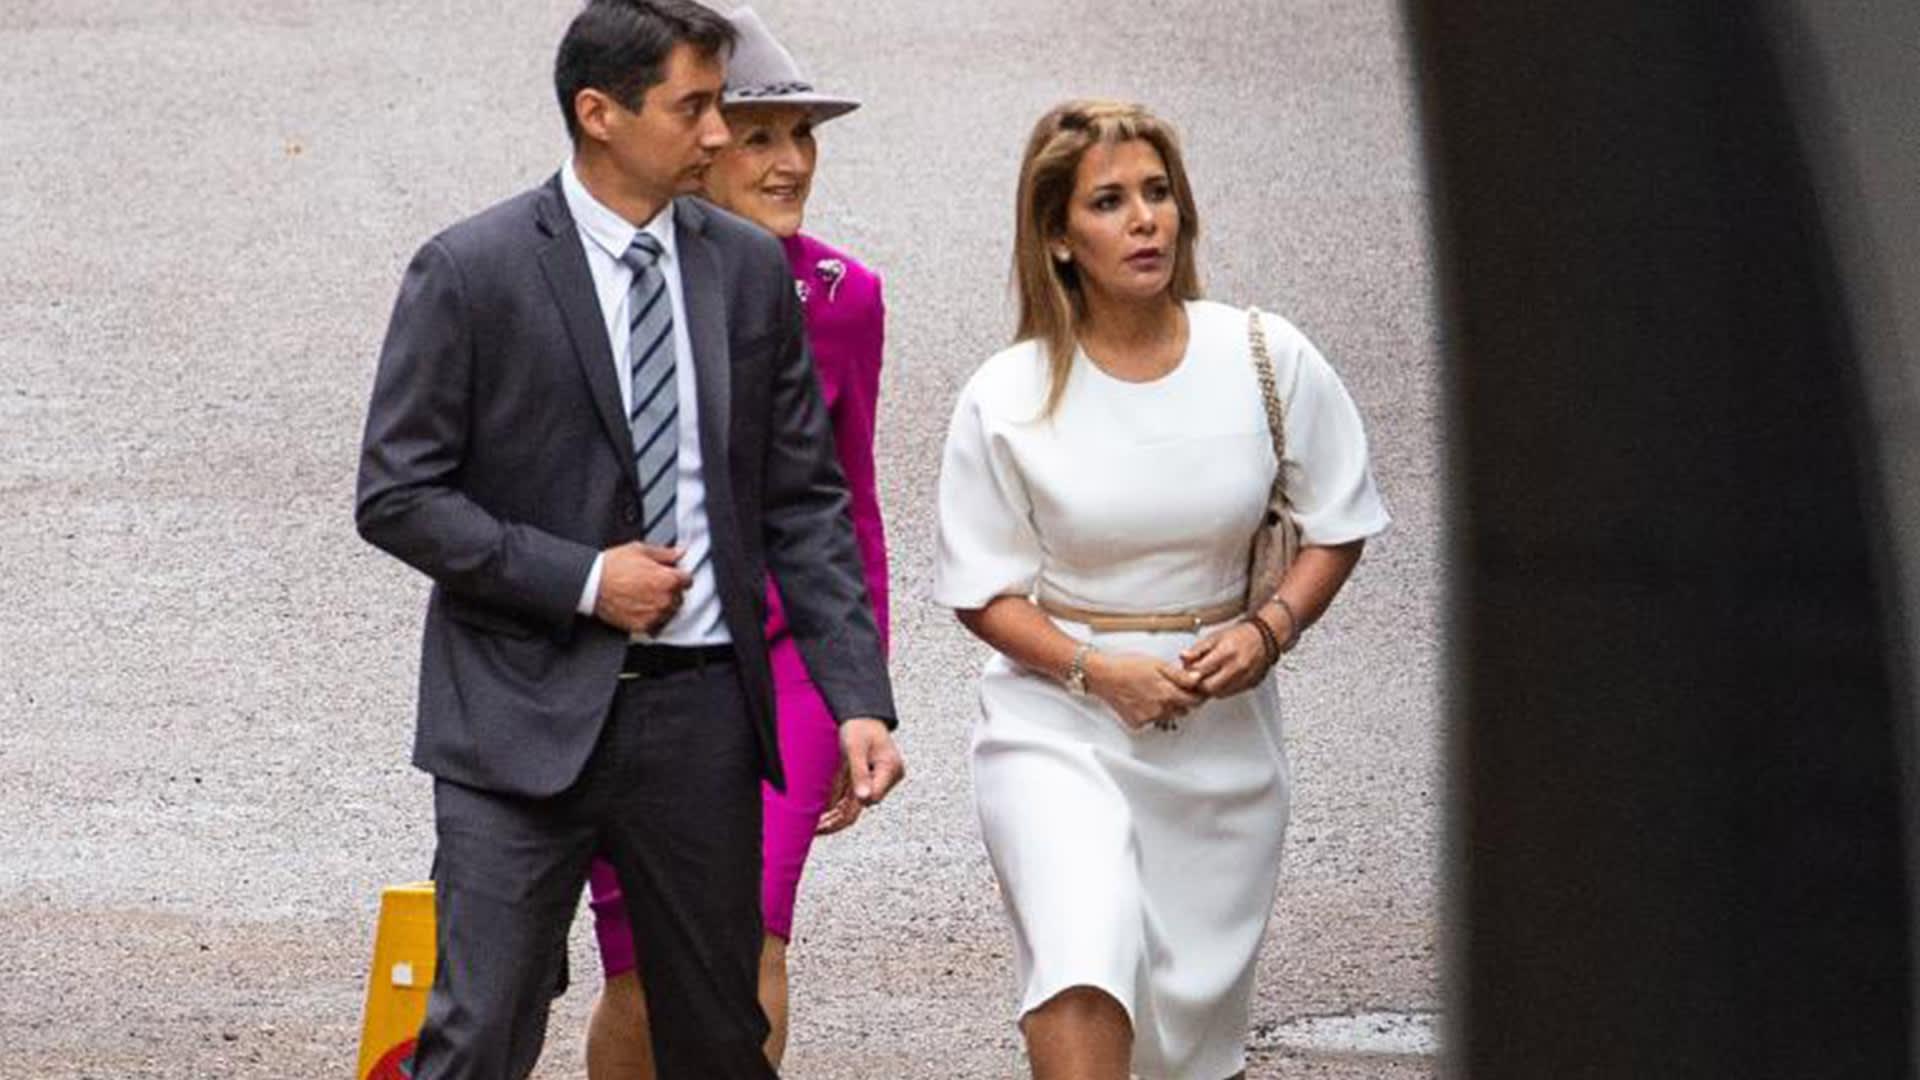 الأميرة هيا بنت الحسين تطالب بحضانة طفليها من الشيخ محمد بن راشد أمام القضاء البريطاني